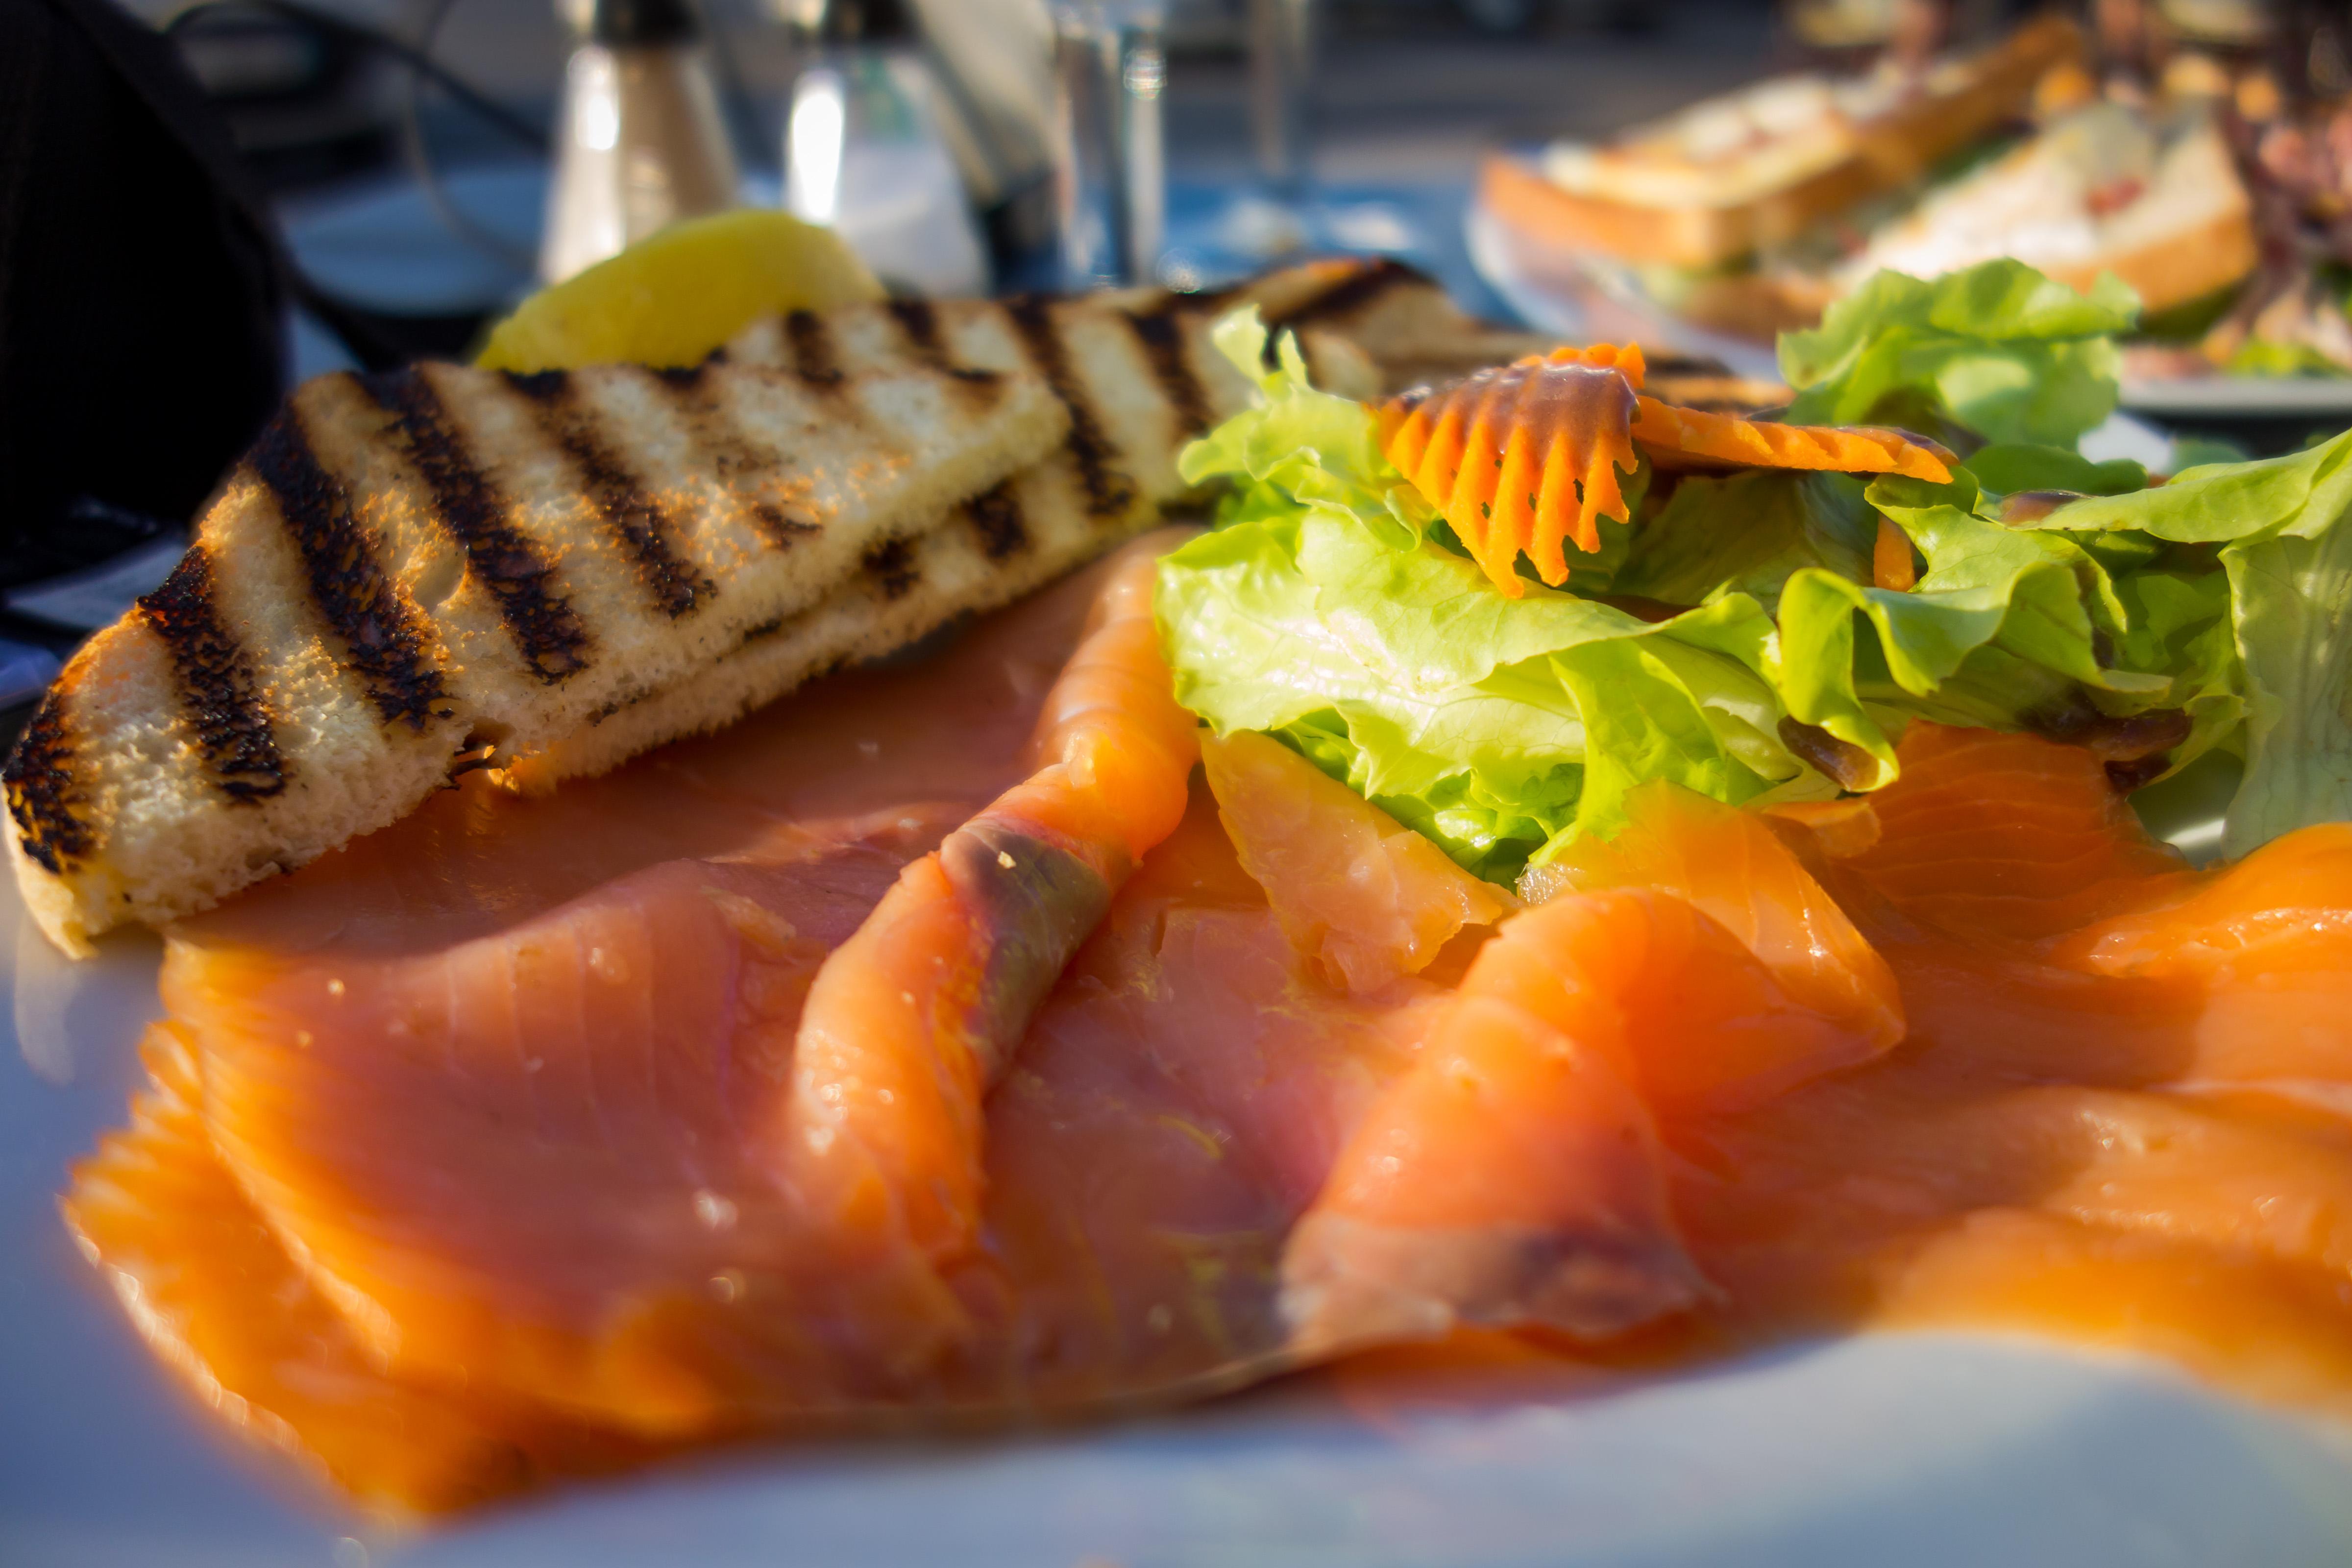 Ještě ve Francii v Calais si dáváme v příjemné restauraci kousek od přístavu spoustu dobrot. Já volím předkrm ve formě marinovaného lososa, něco podobného si dodávám doma. Je to francouzské? Asi ne. Je to dobře? Jistě.